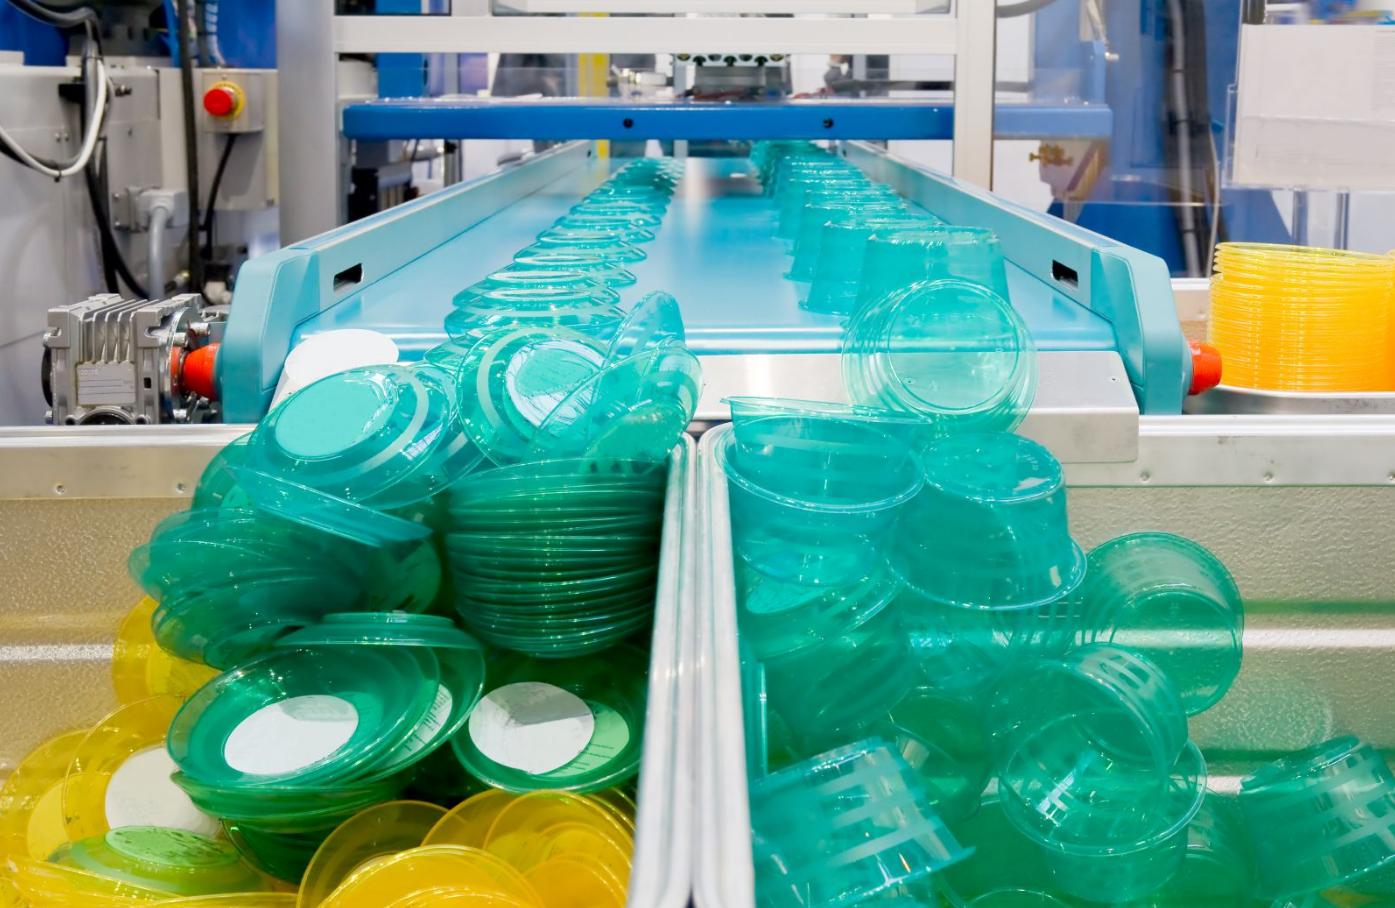 biznes-ideya-proizvodstva-izdeliy-iz-plastika